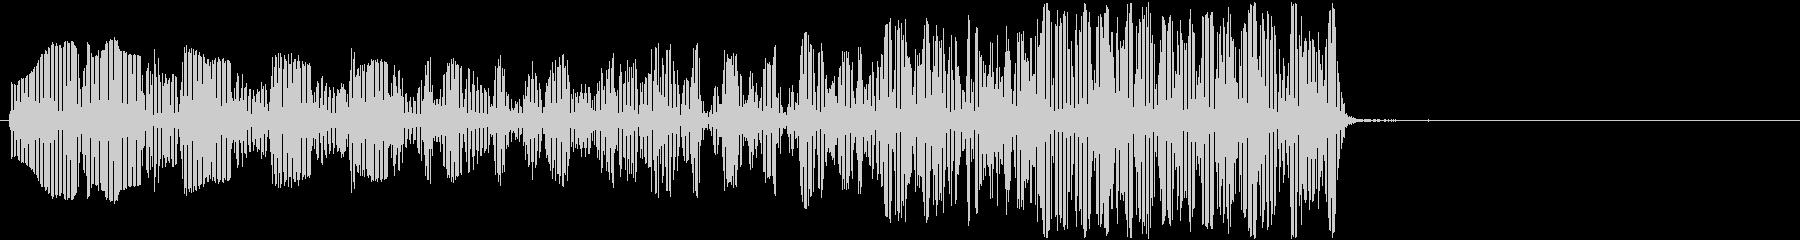 トランペット:加速の加速、漫画コメ...の未再生の波形